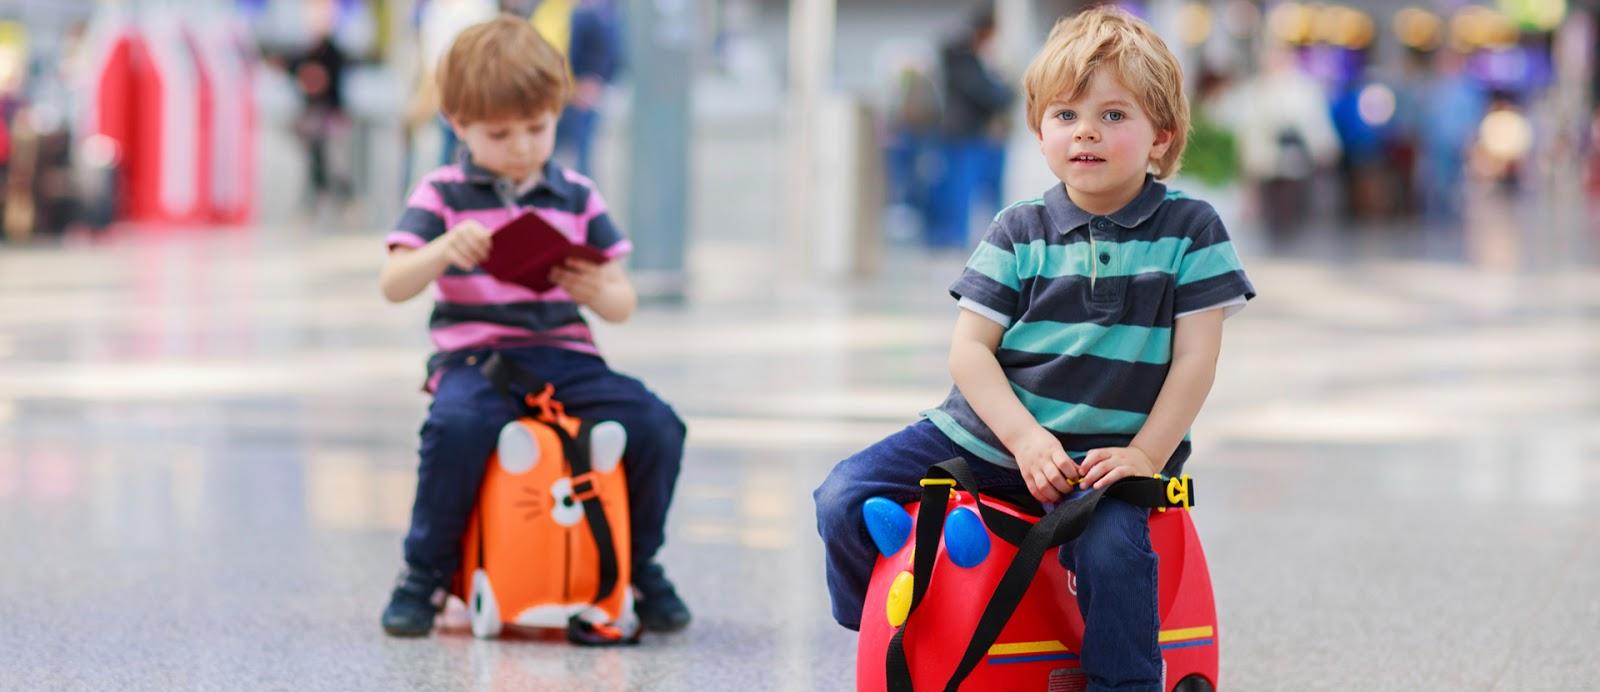 viagem com crianças-viajar com crianças-autorização de viagem internacional para menor-viagem-amor-familia-filhos-maternidade-viagem-viagem de criança